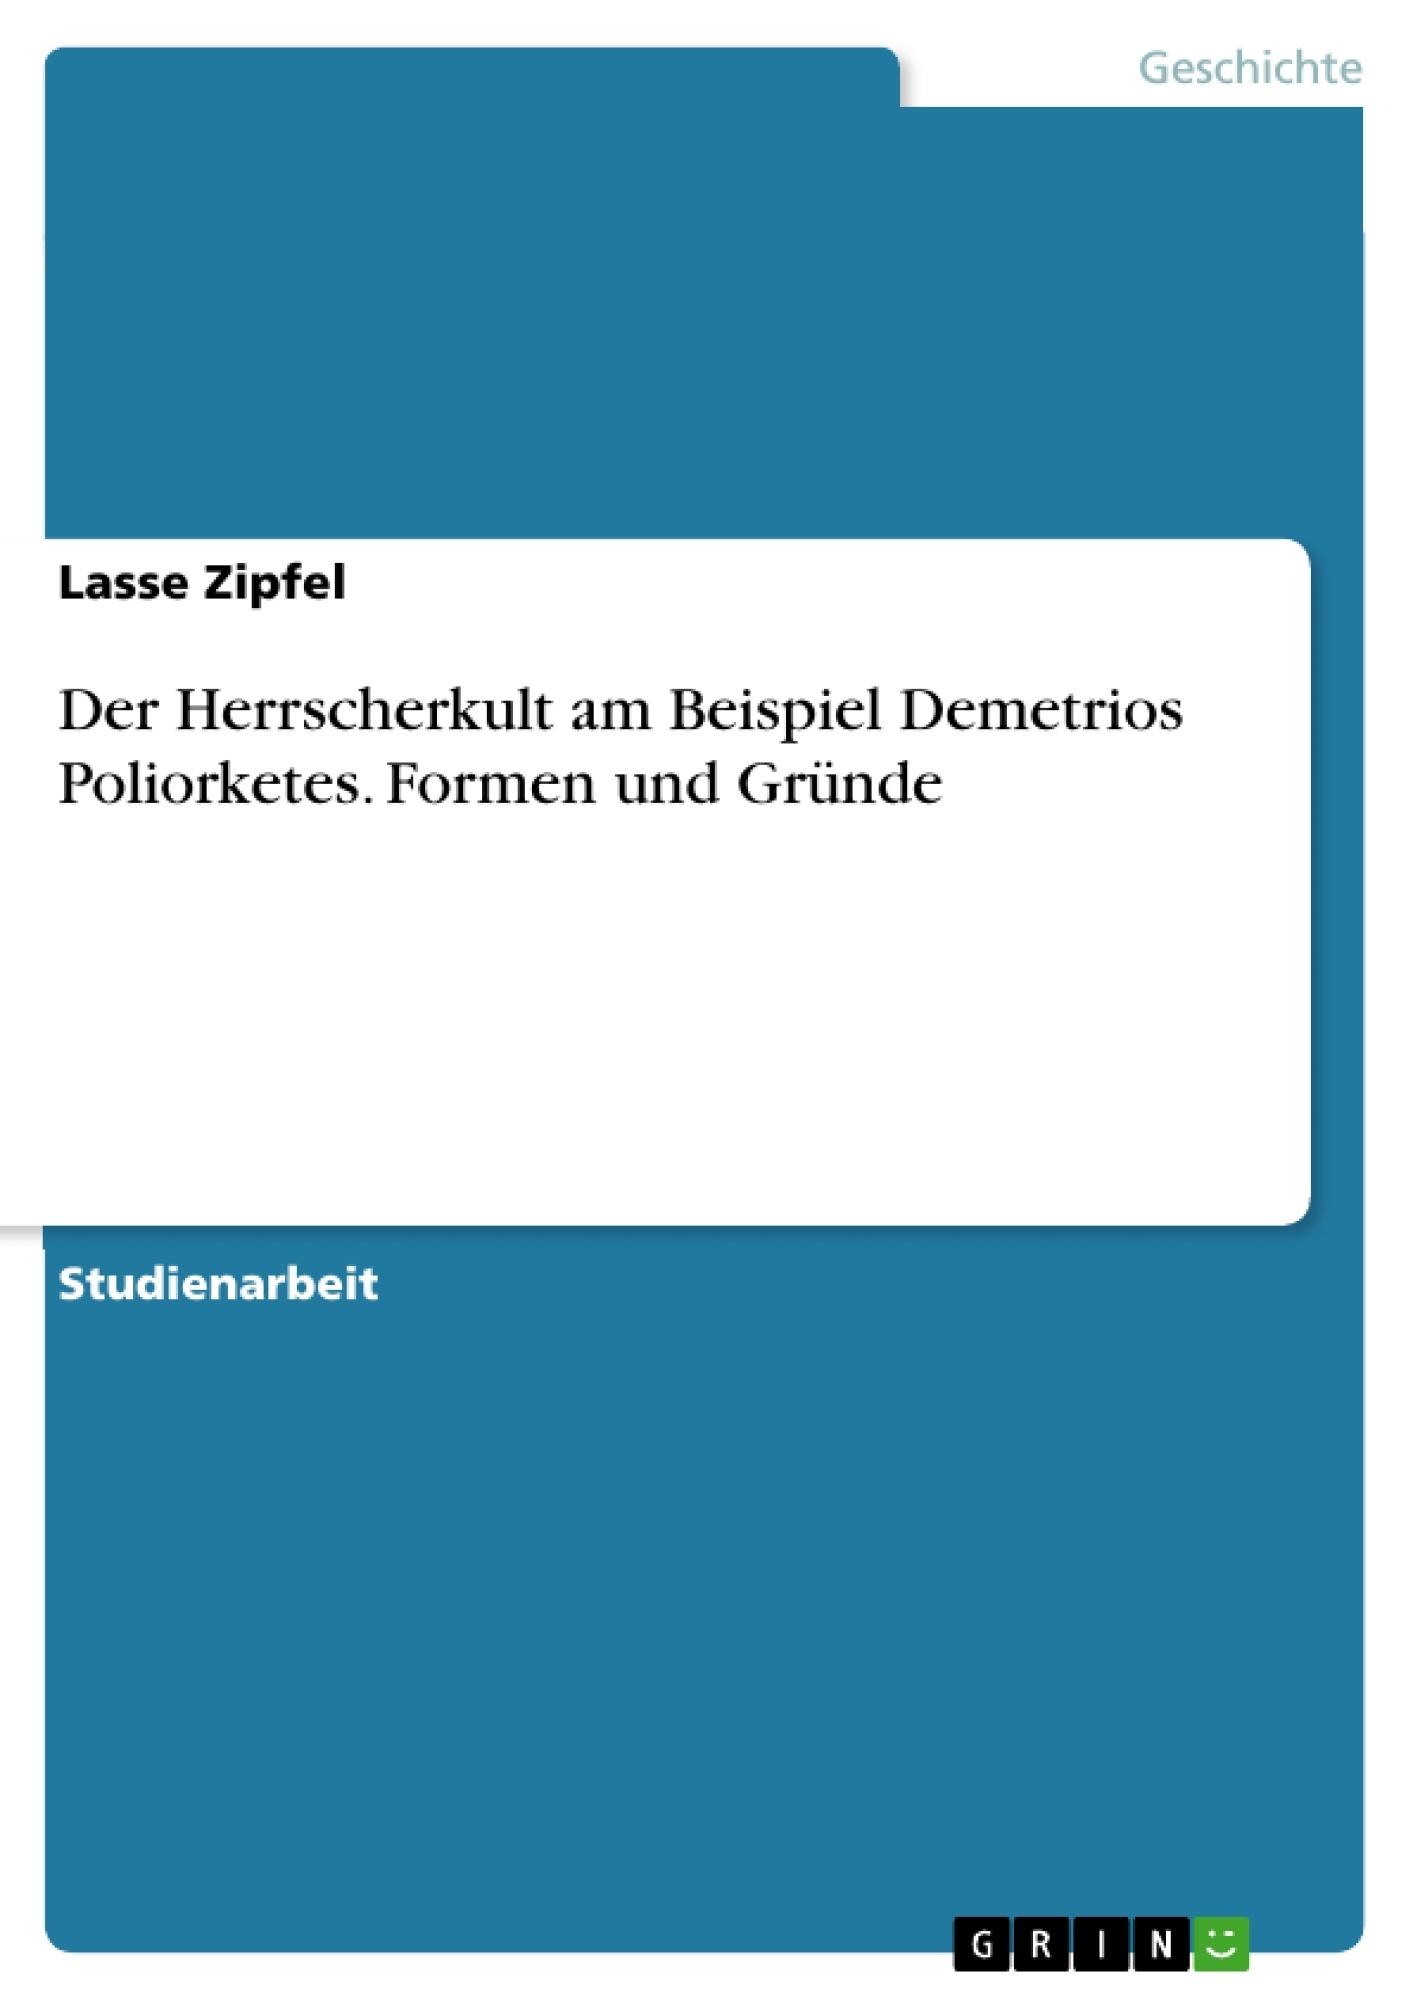 Titel: Der Herrscherkult am Beispiel Demetrios Poliorketes. Formen und Gründe